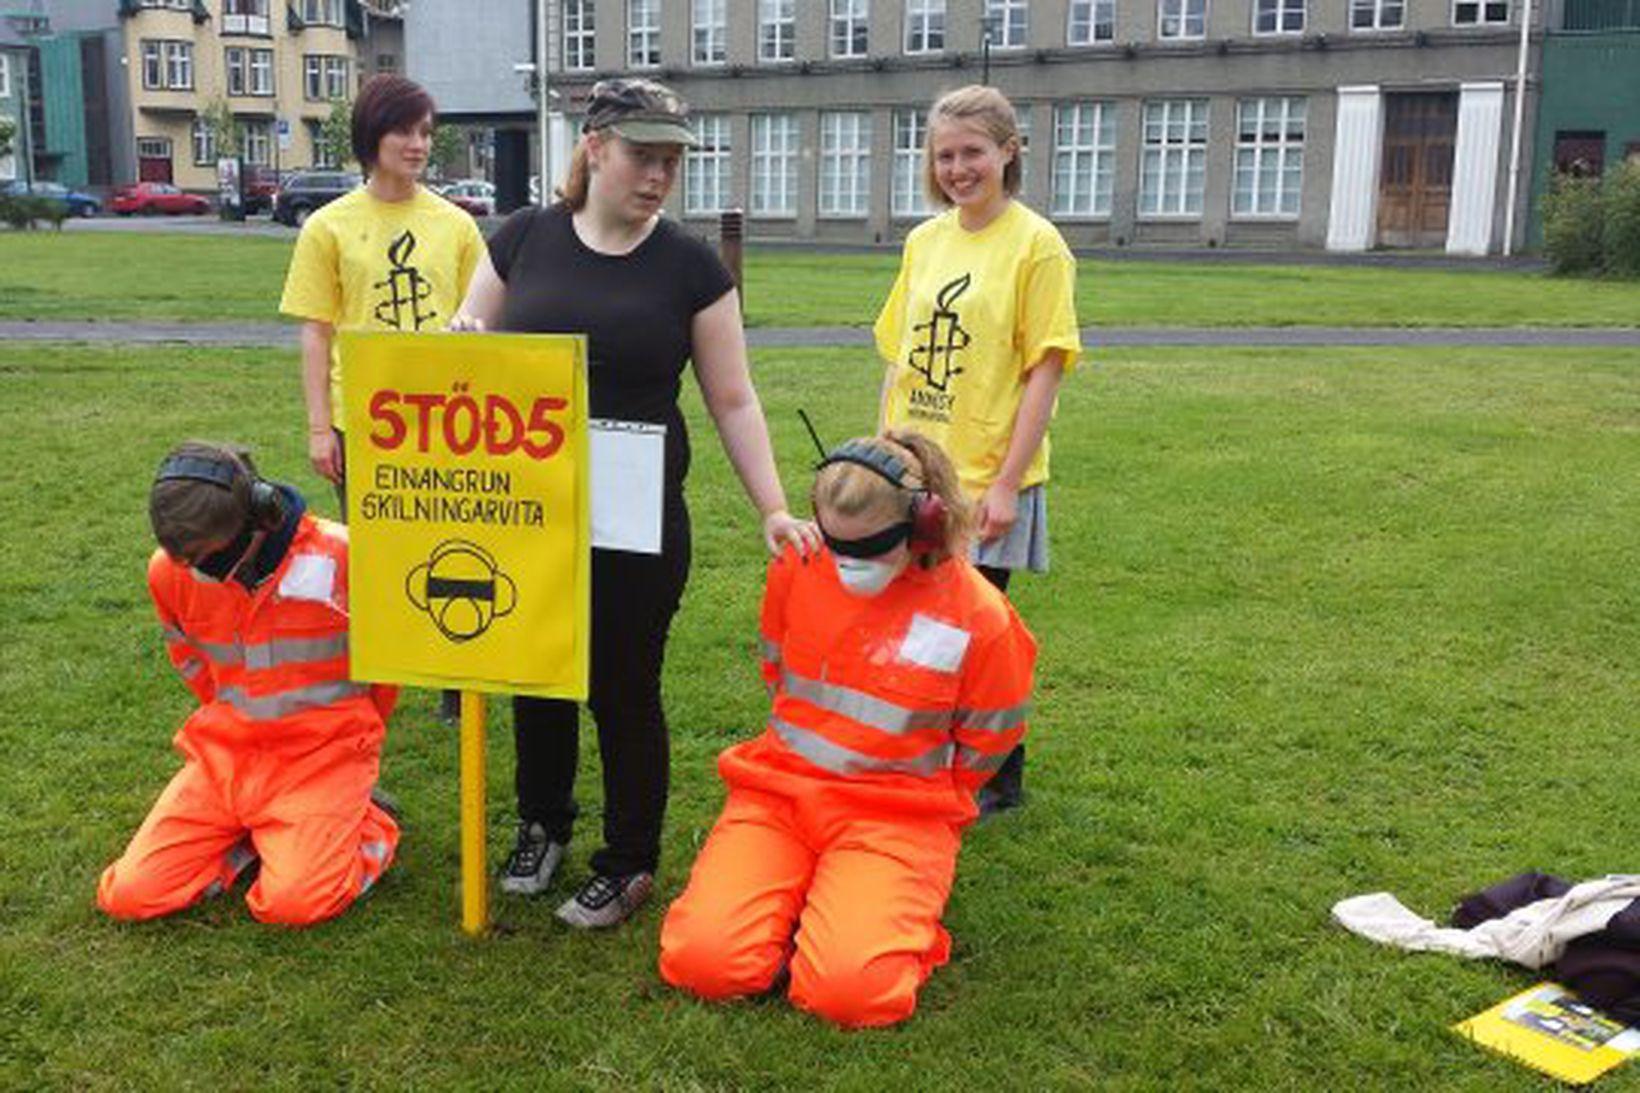 Frá pyndingaraðgerð Ungliðahreyfingar Amnesty International á Austurvelli.